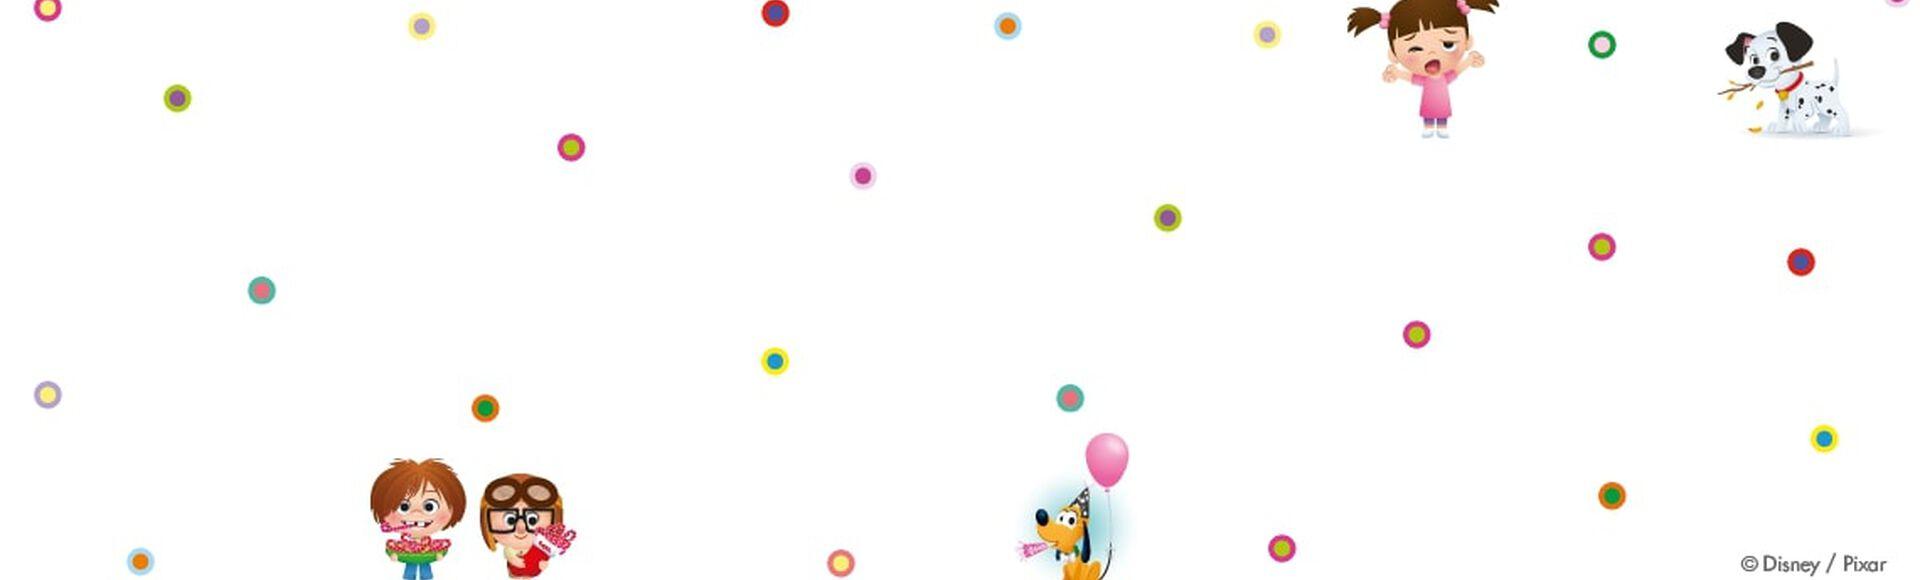 Boo, Dalmata y Pluto